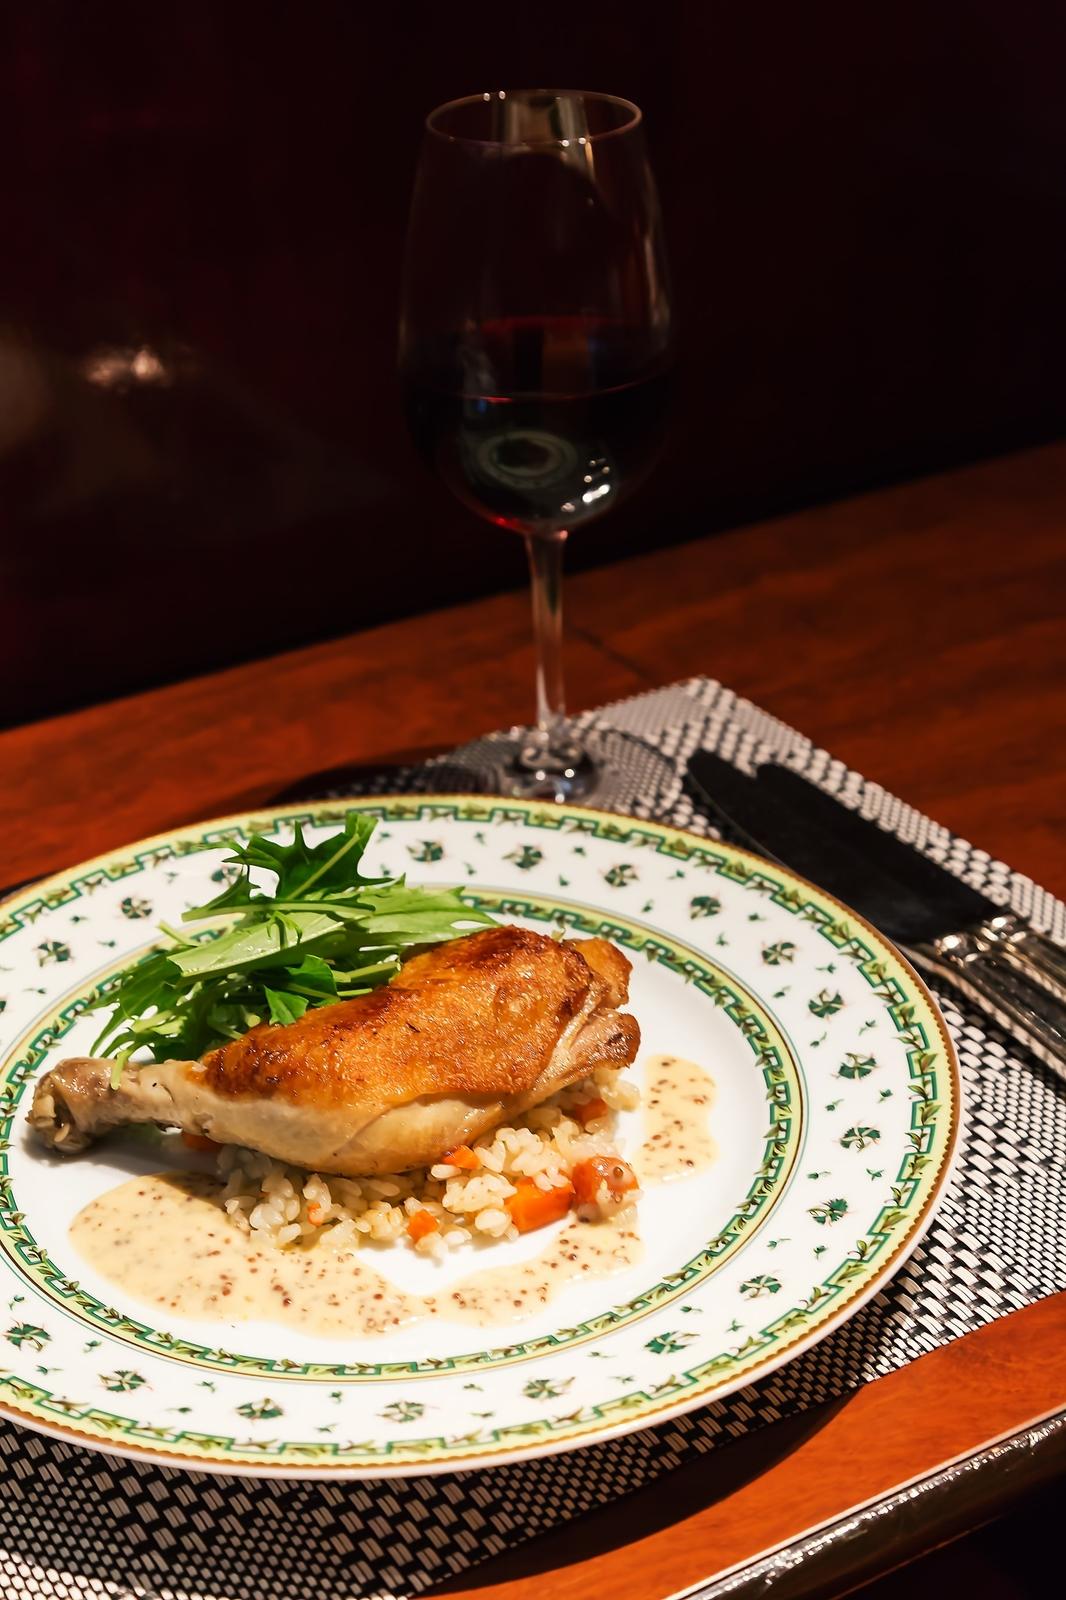 ハウステンボスで食事!おすすめレストラン紹介!人気ランキングも!